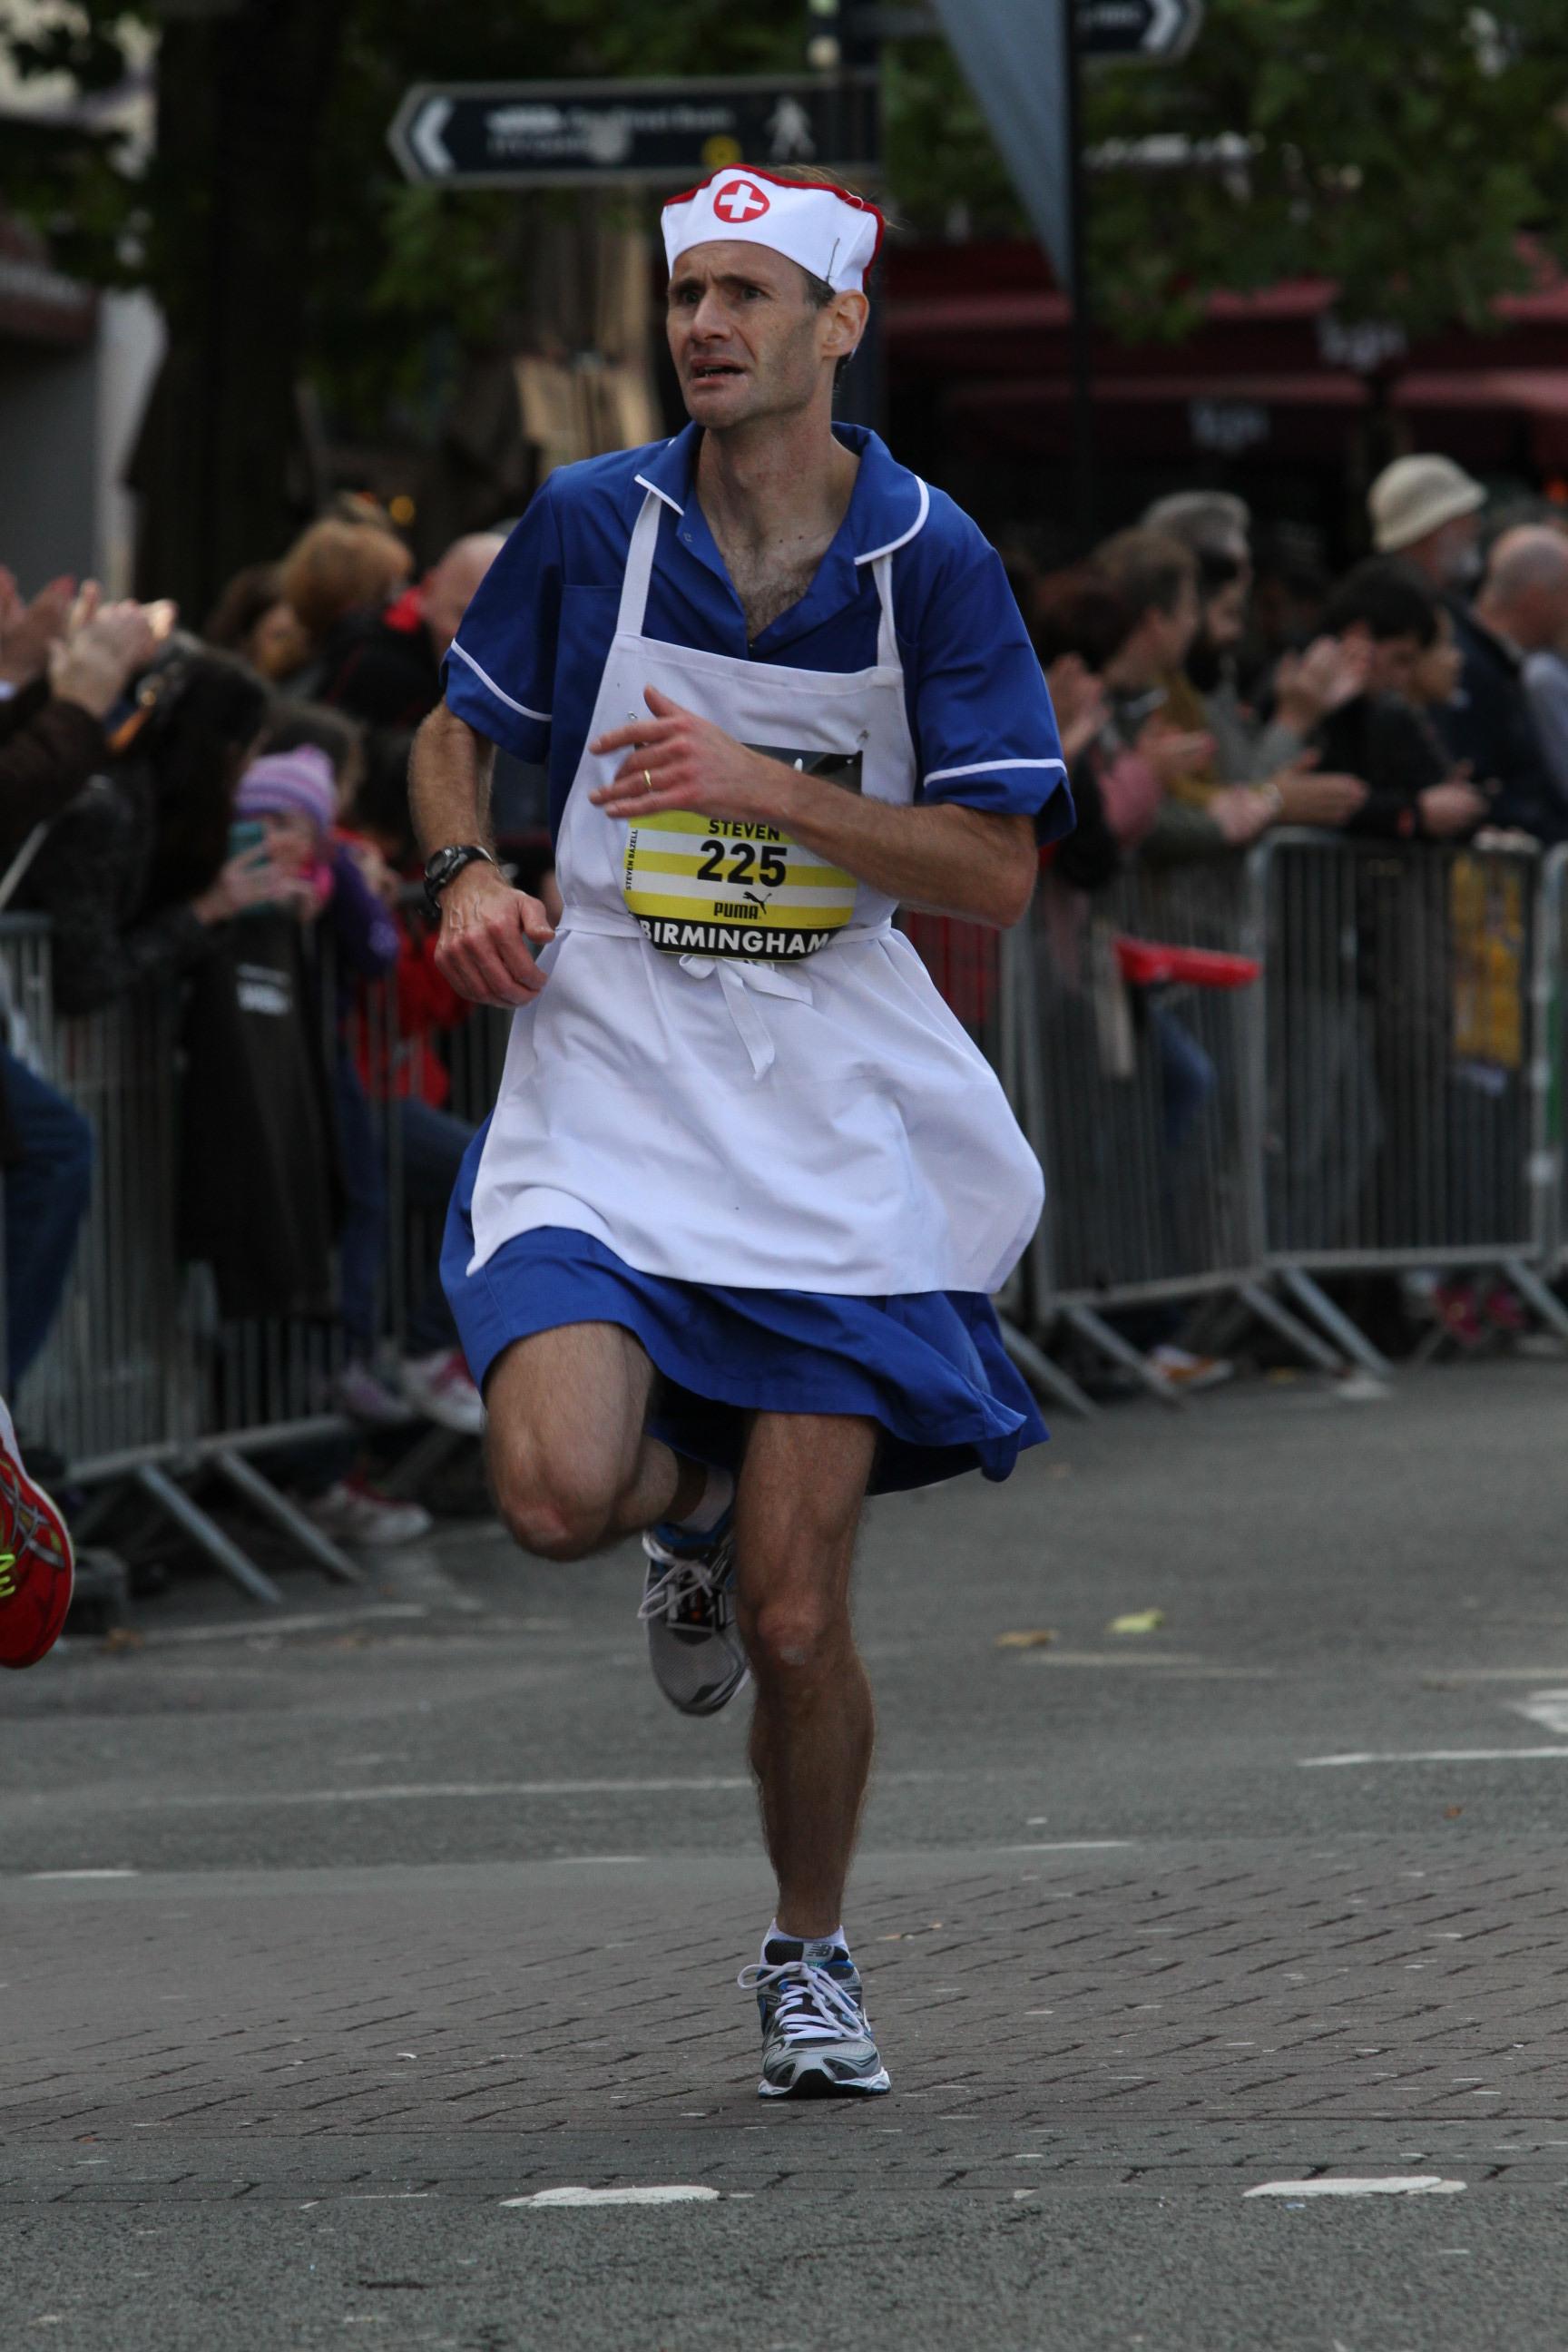 Image courtesy MarathonFoto